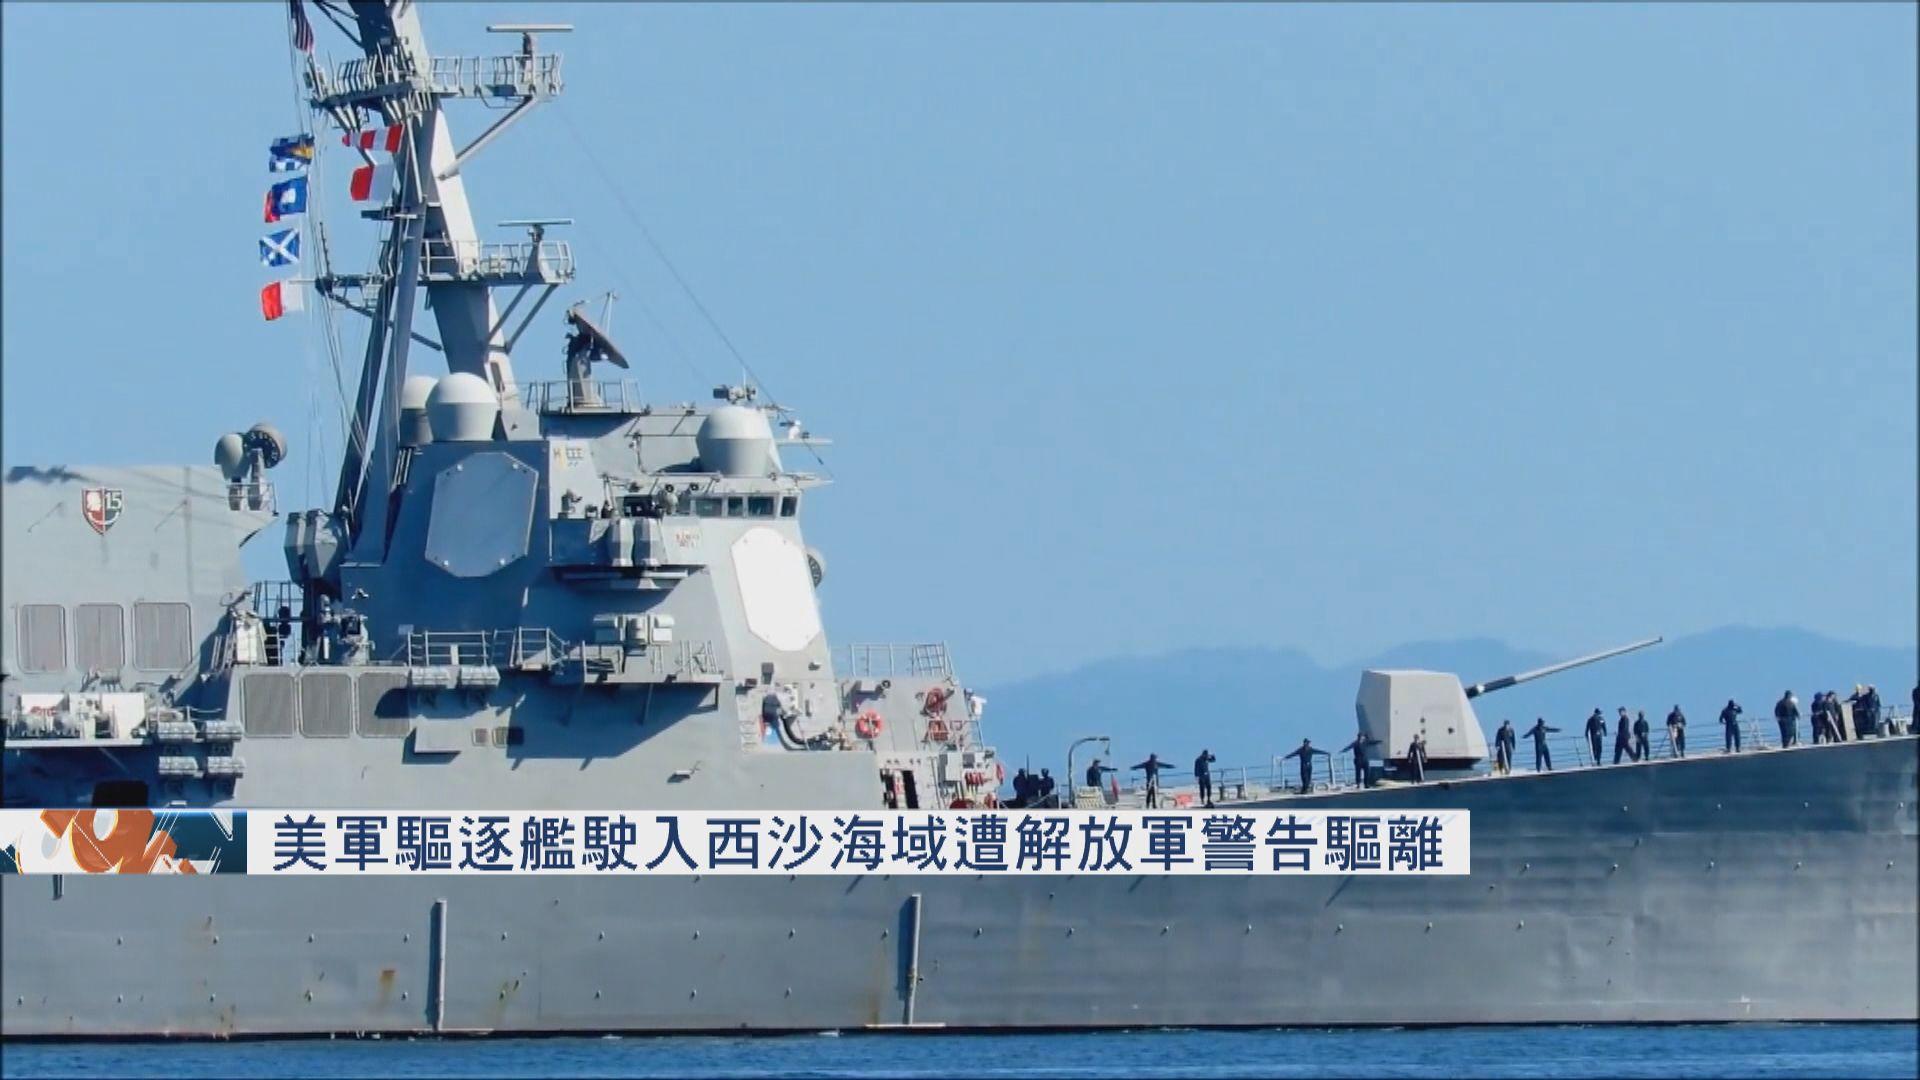 美軍驅逐艦駛入西沙海域 遭解放軍警告驅離